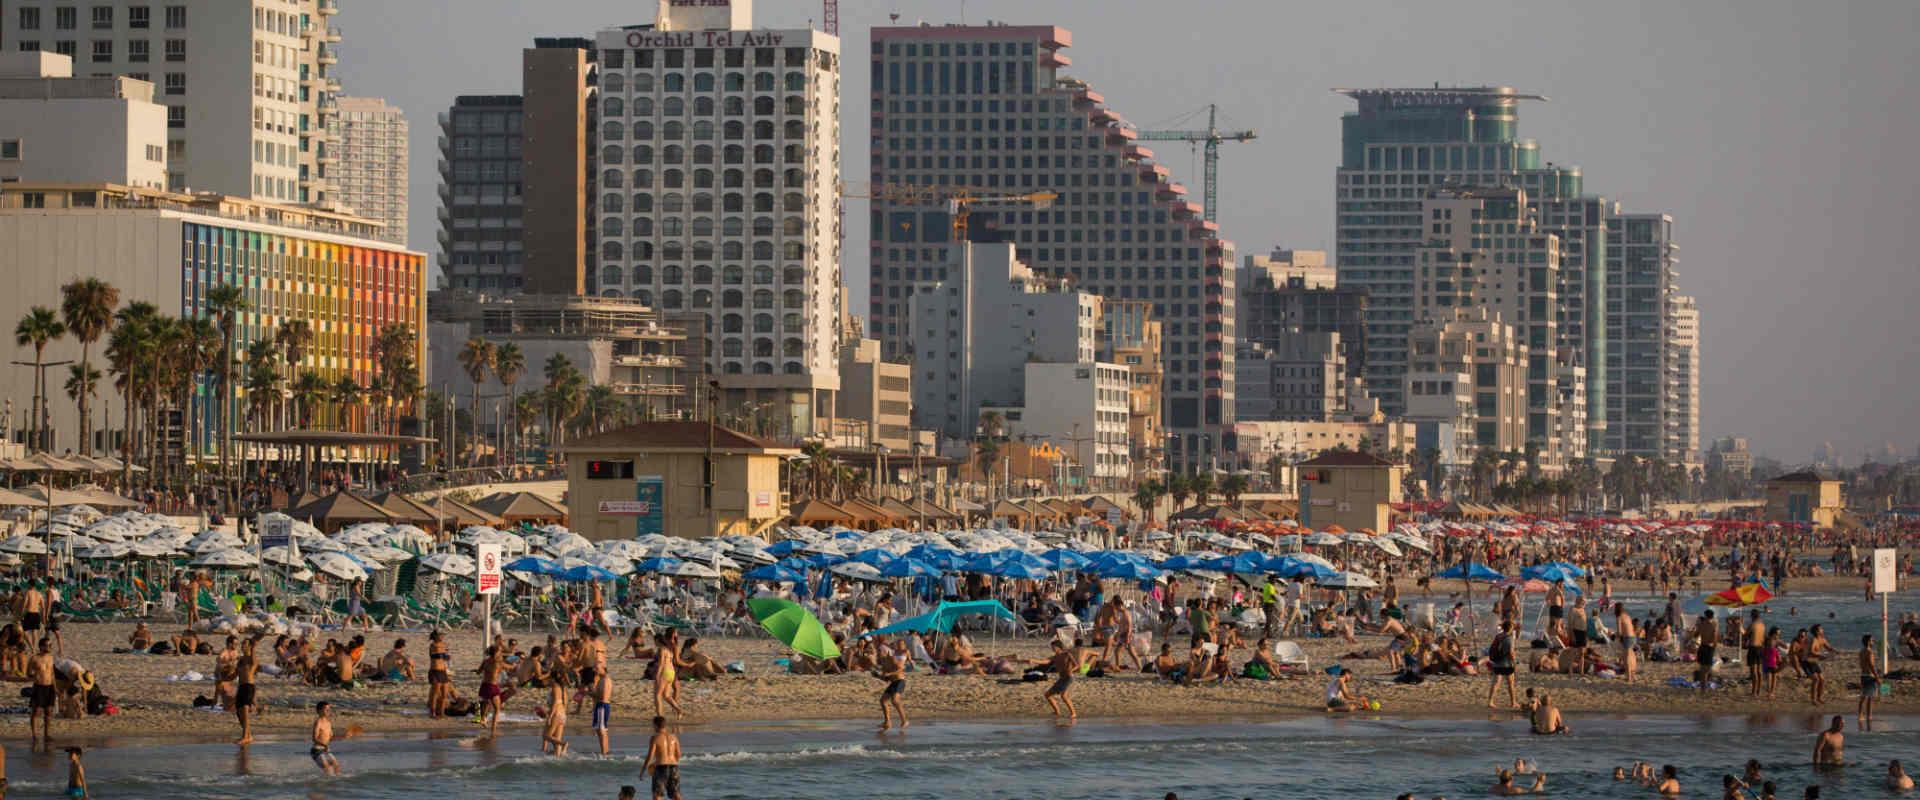 טיילת תל אביב, 2015